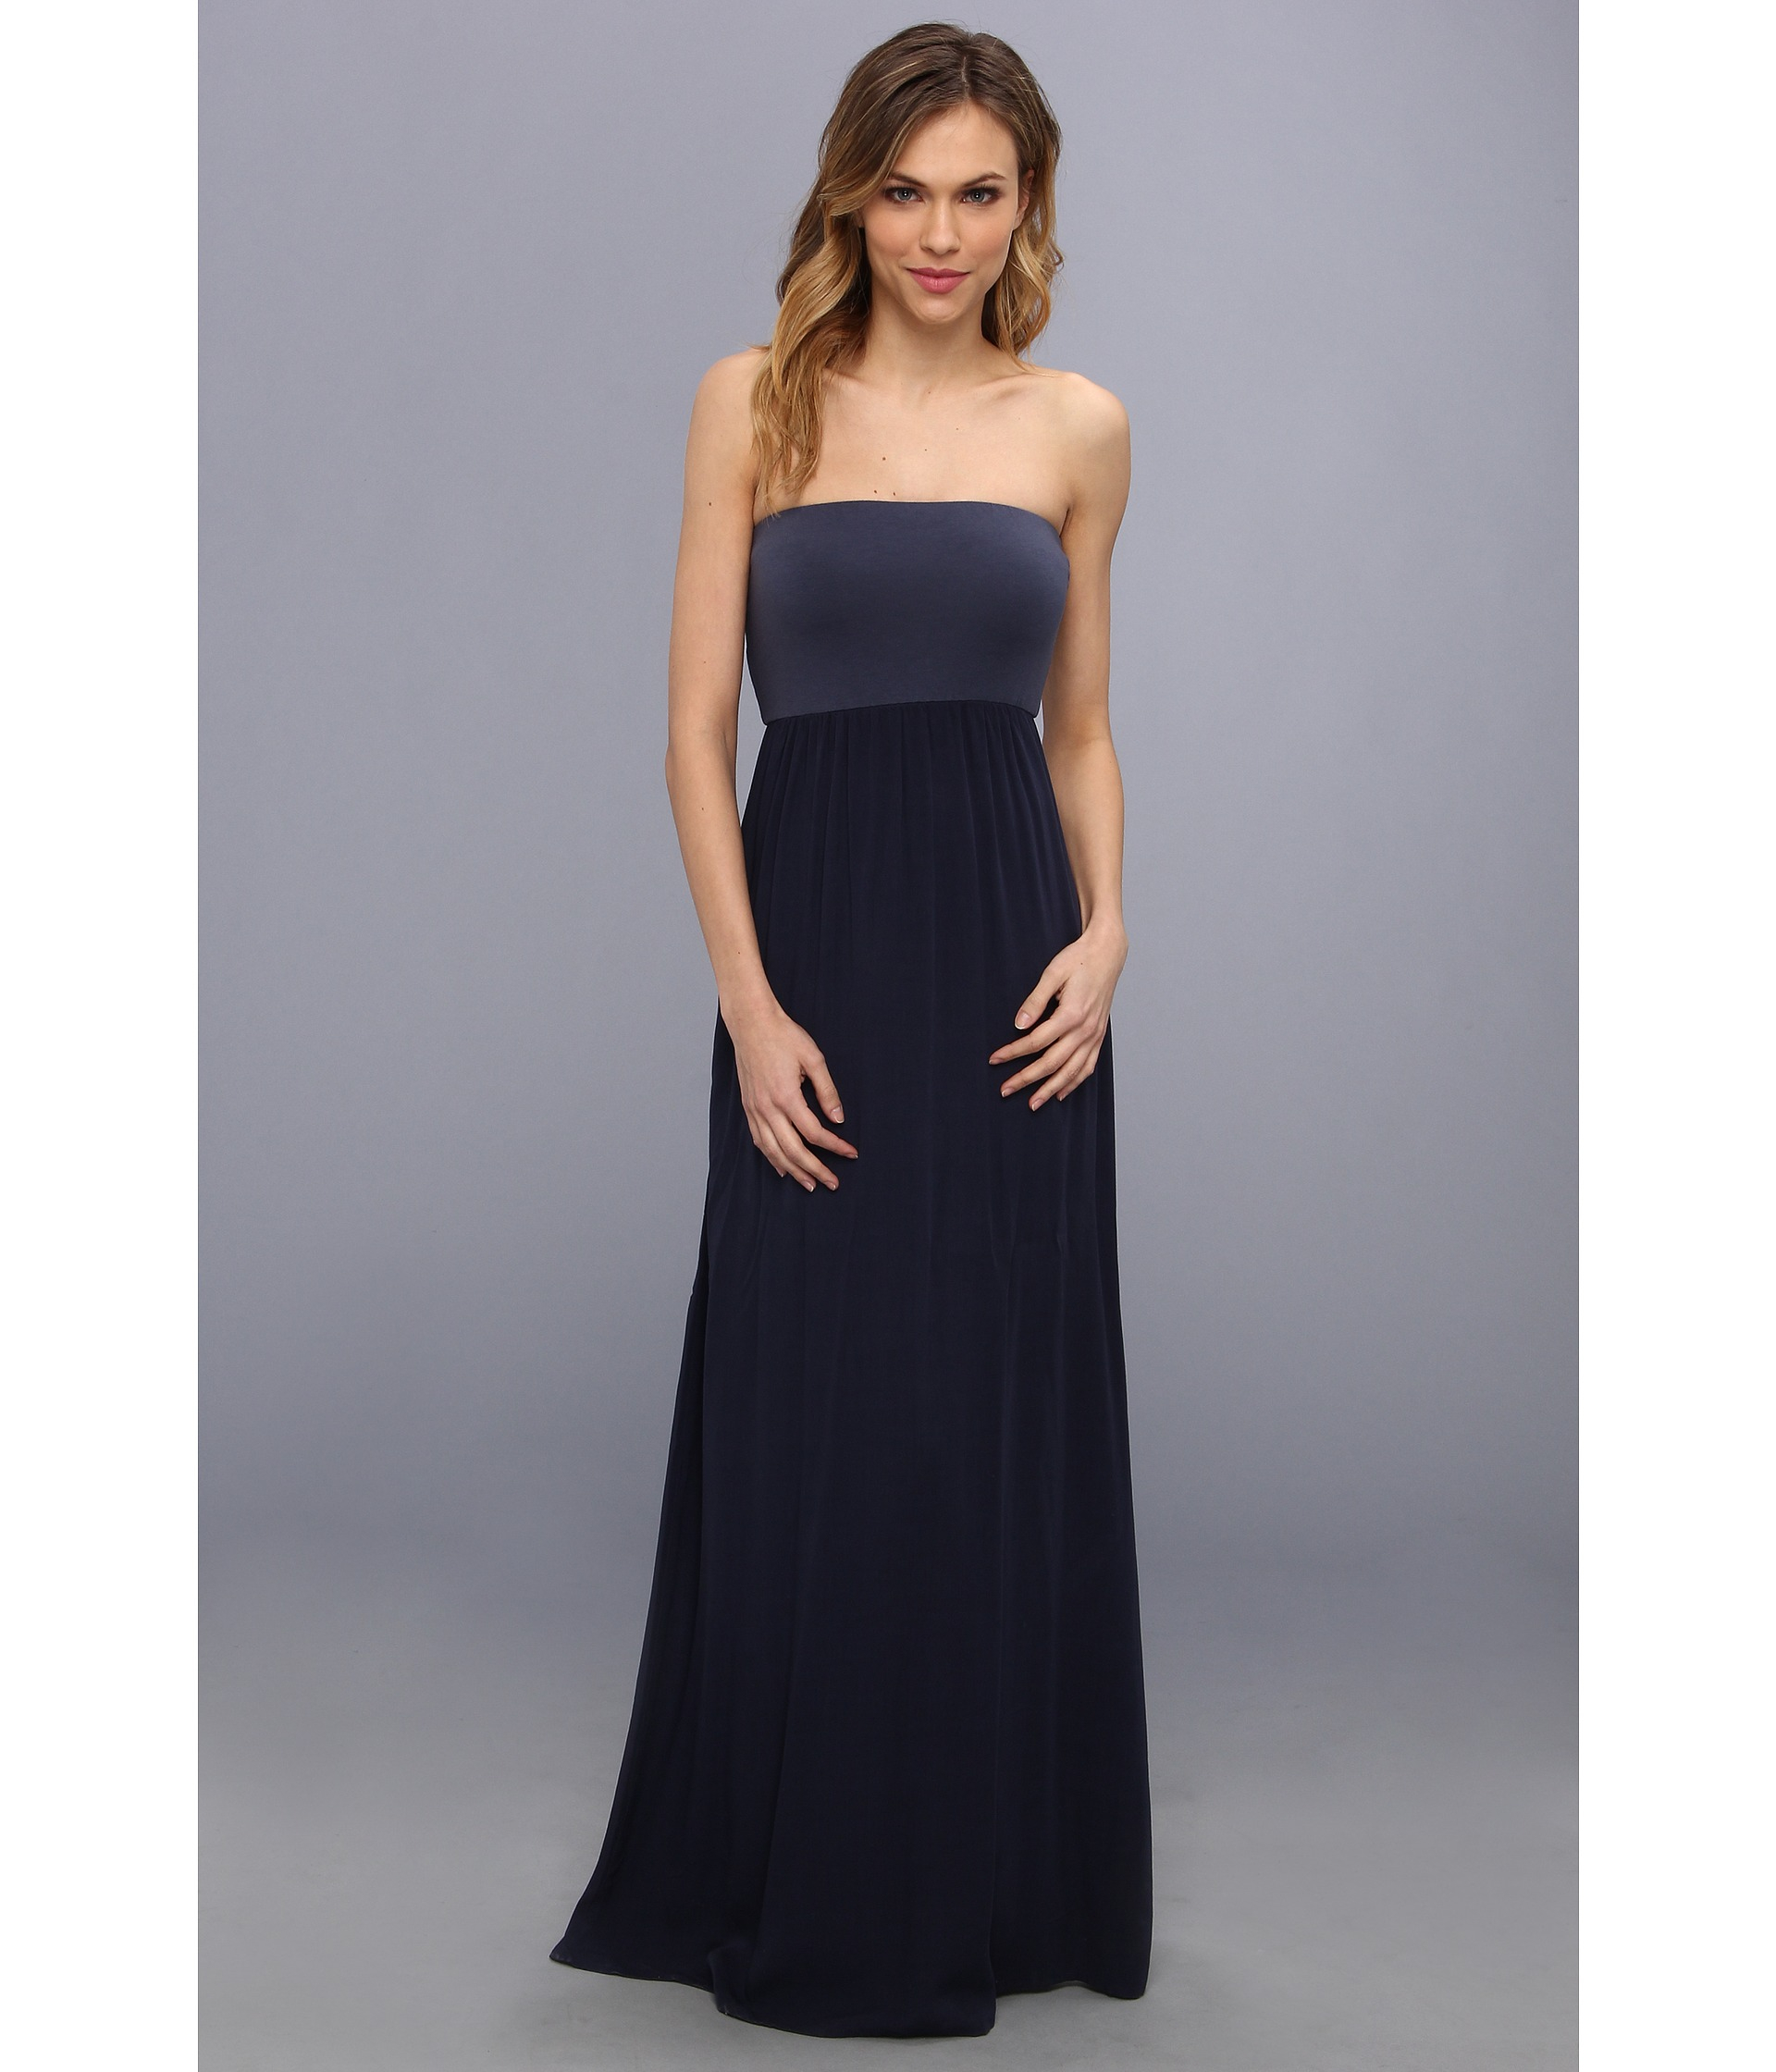 Splendid Tube Top Maxi Dress in Blue - Lyst